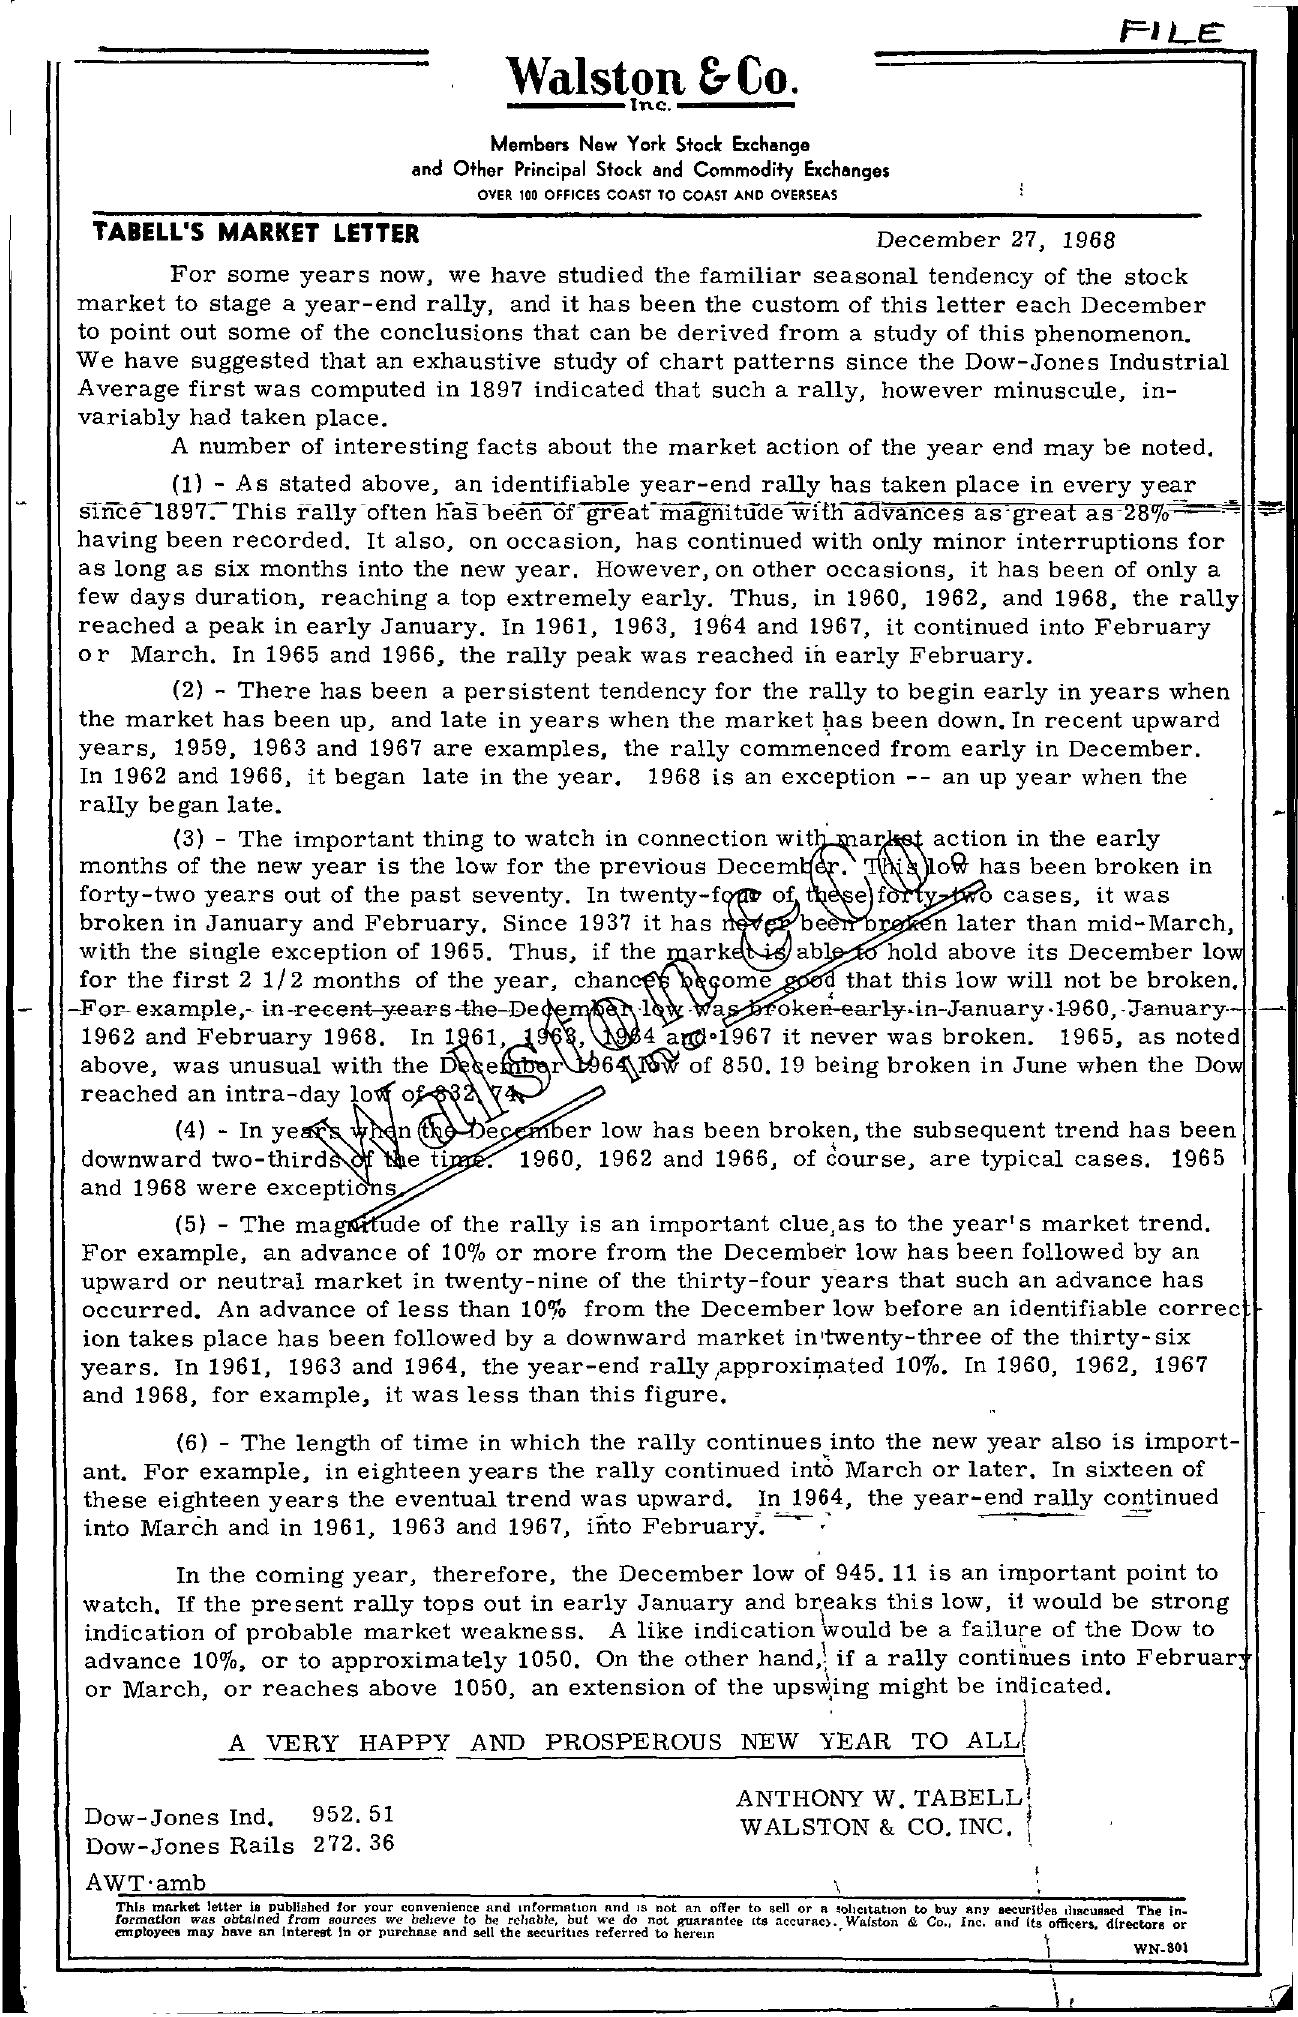 Tabell's Market Letter - December 27, 1968